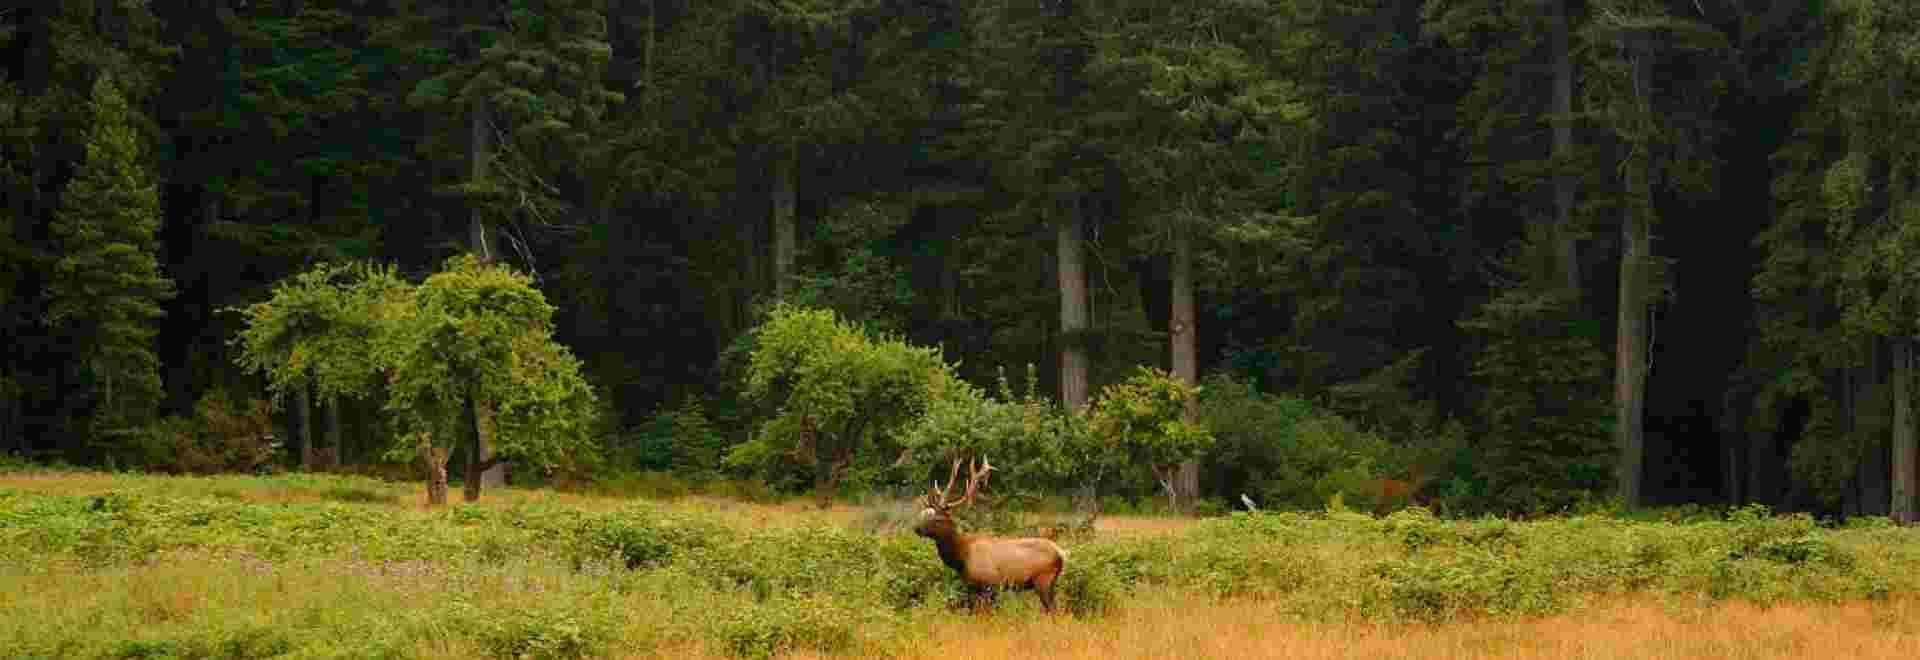 A bull Roosevelt Elk in Elk Prairie at Prairie Creek Redwoods State Park